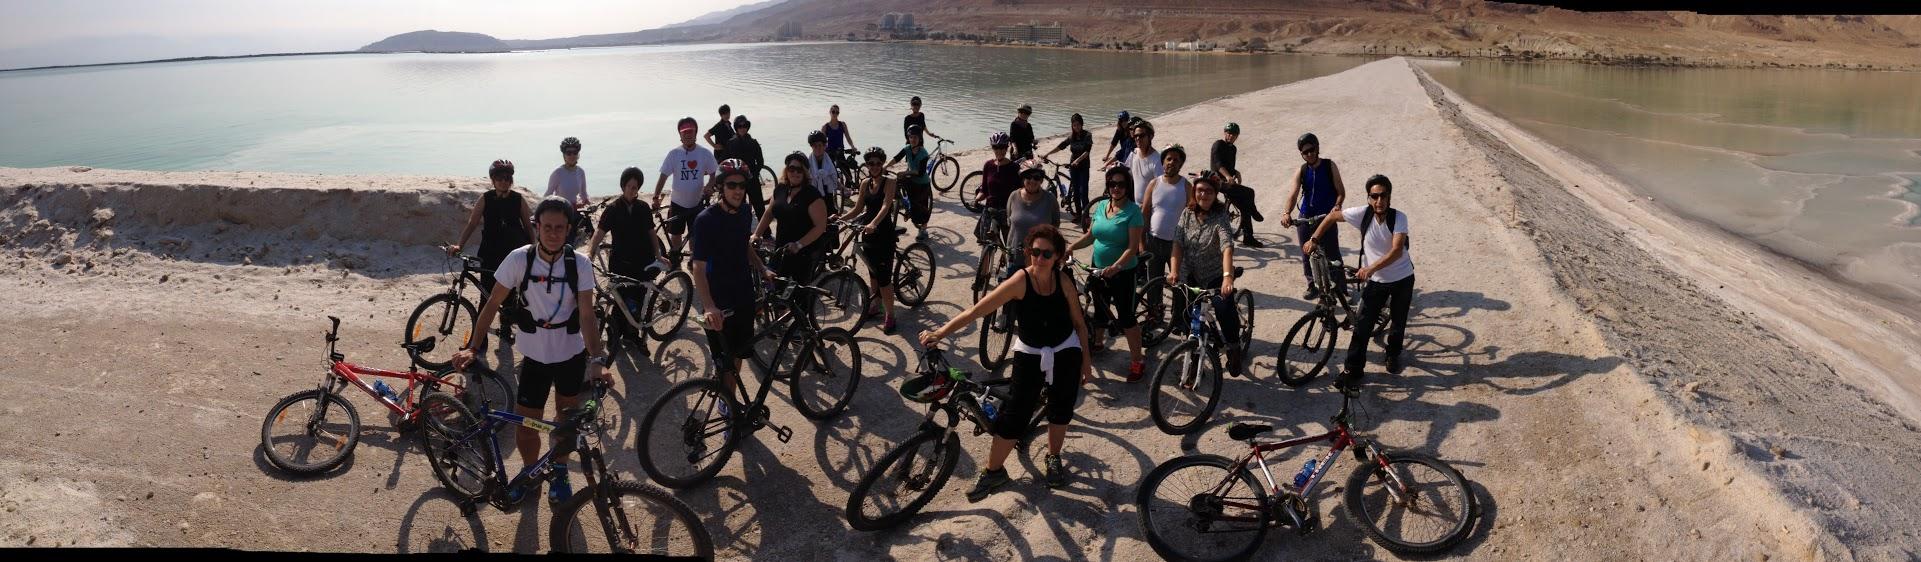 טיול אופניים מאורגן בטיילת בים המלח